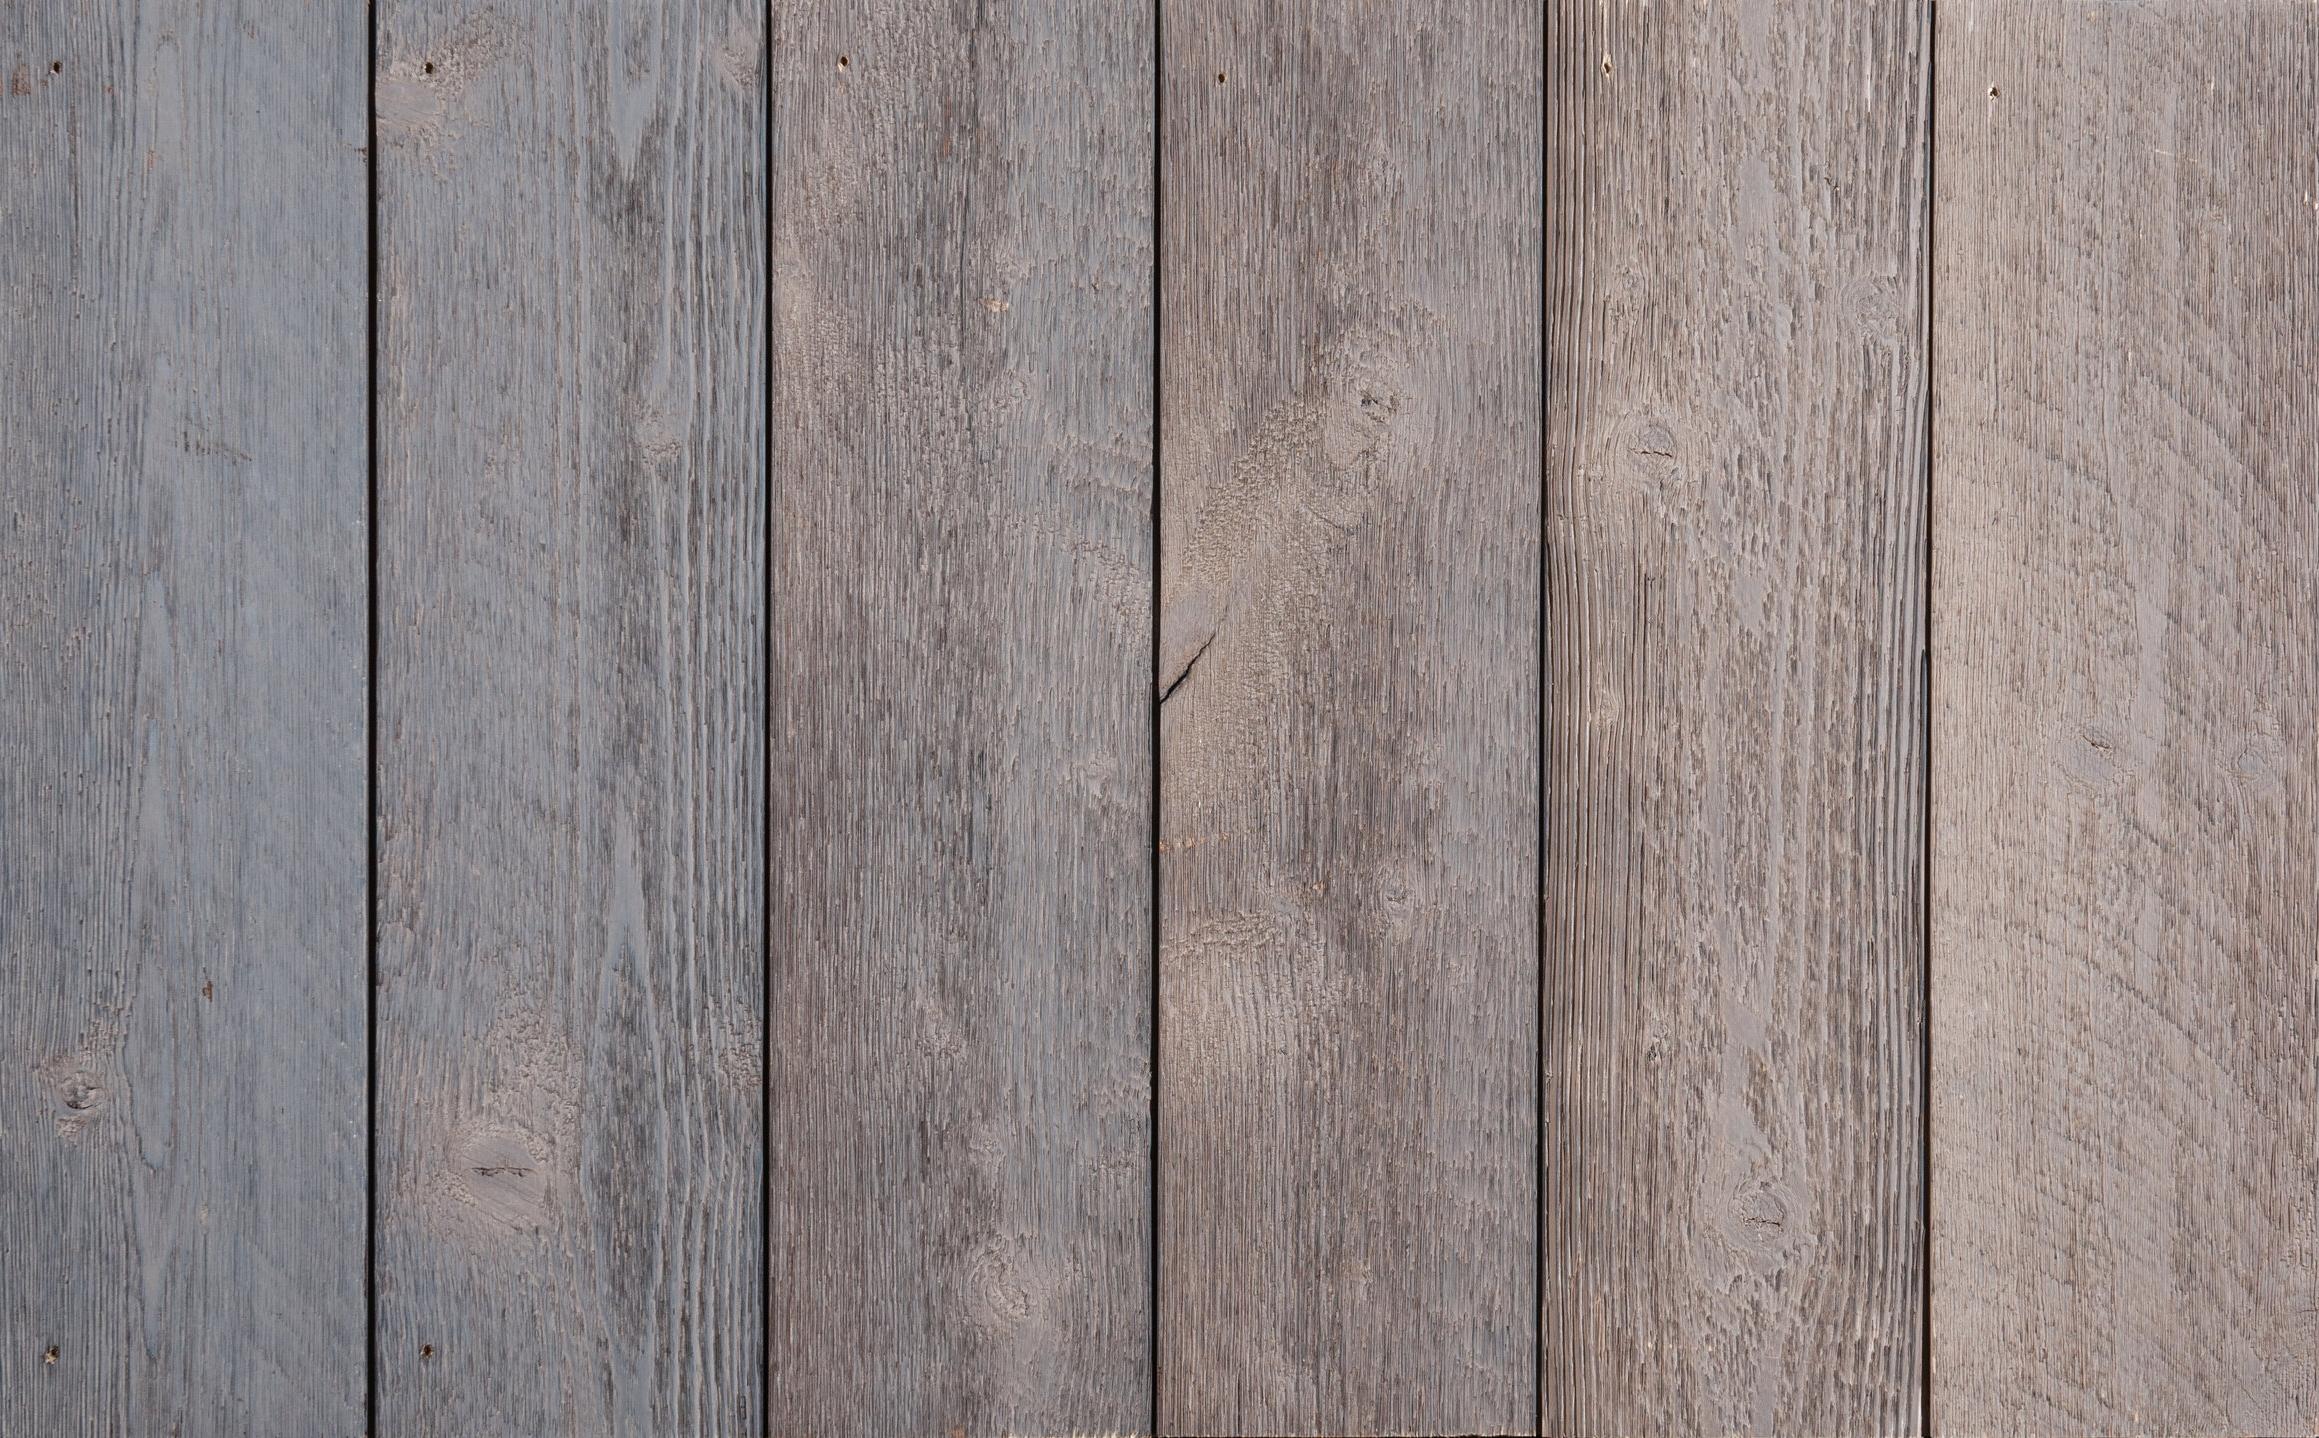 SPF- Driftwood